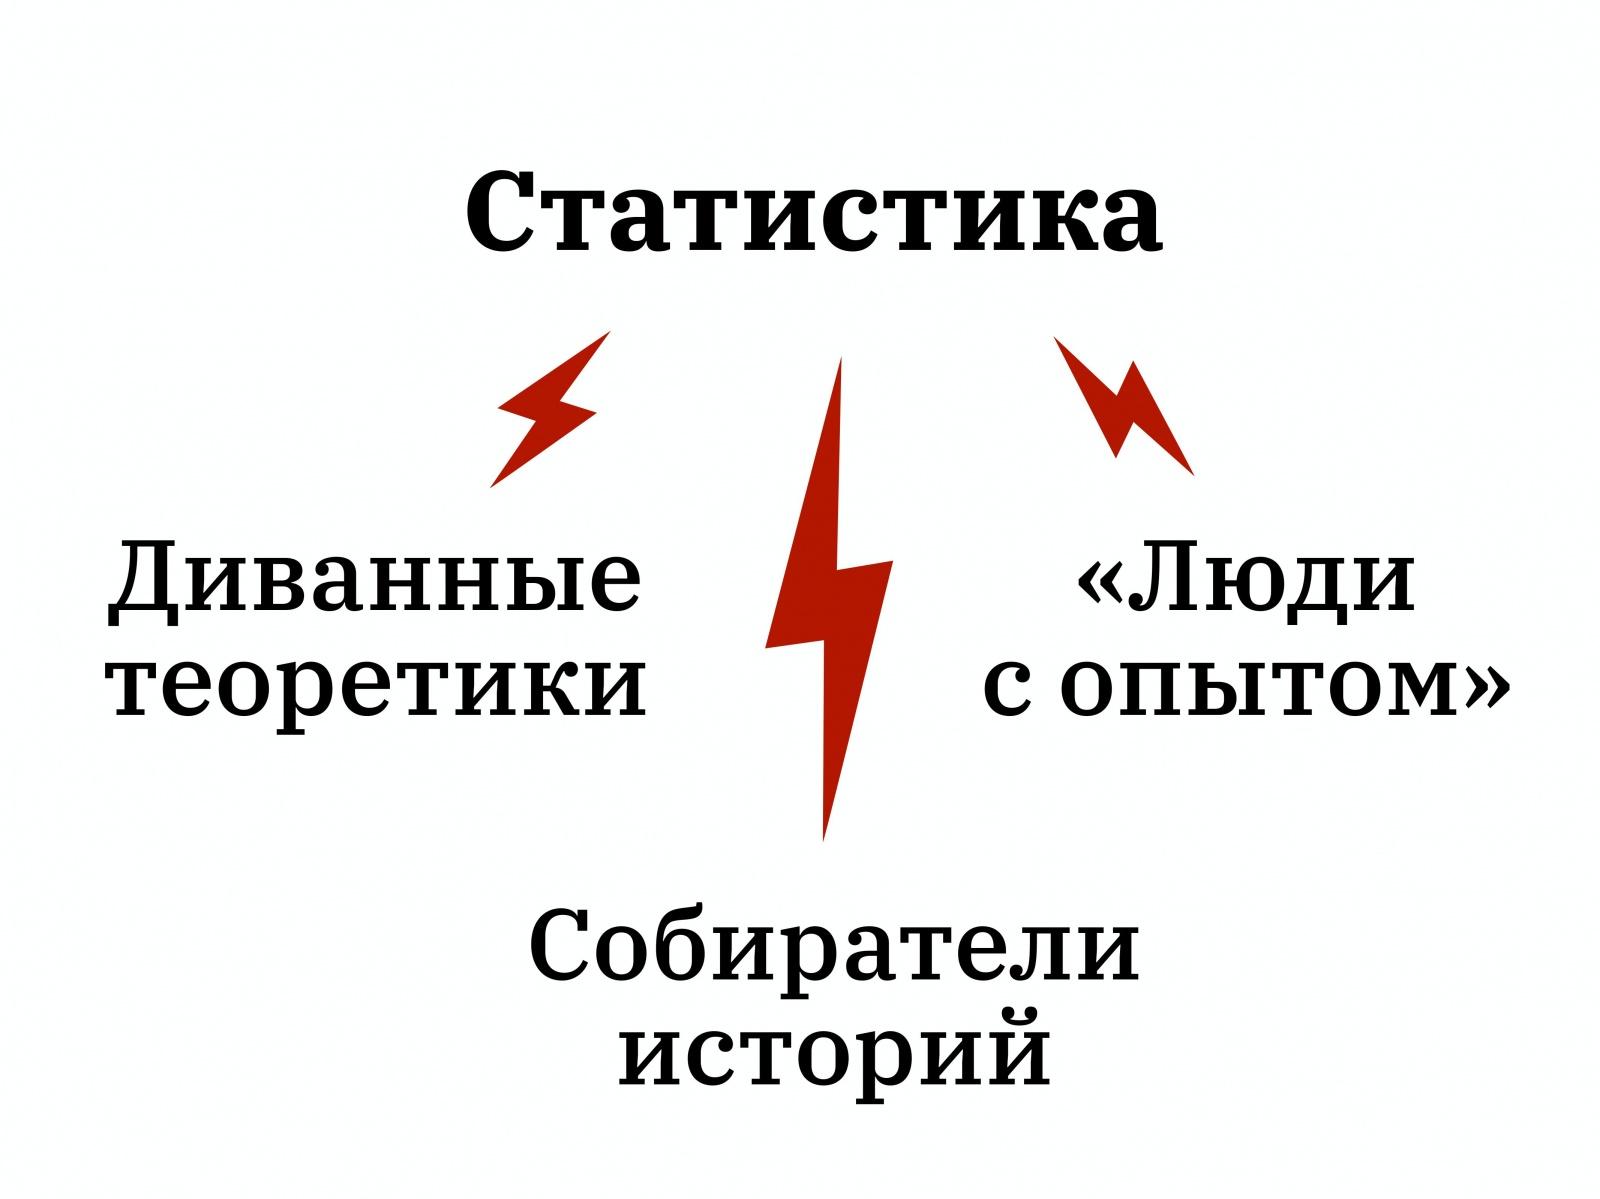 Алексей Каптерев: Критическое мышление 101 (часть 2) - 59